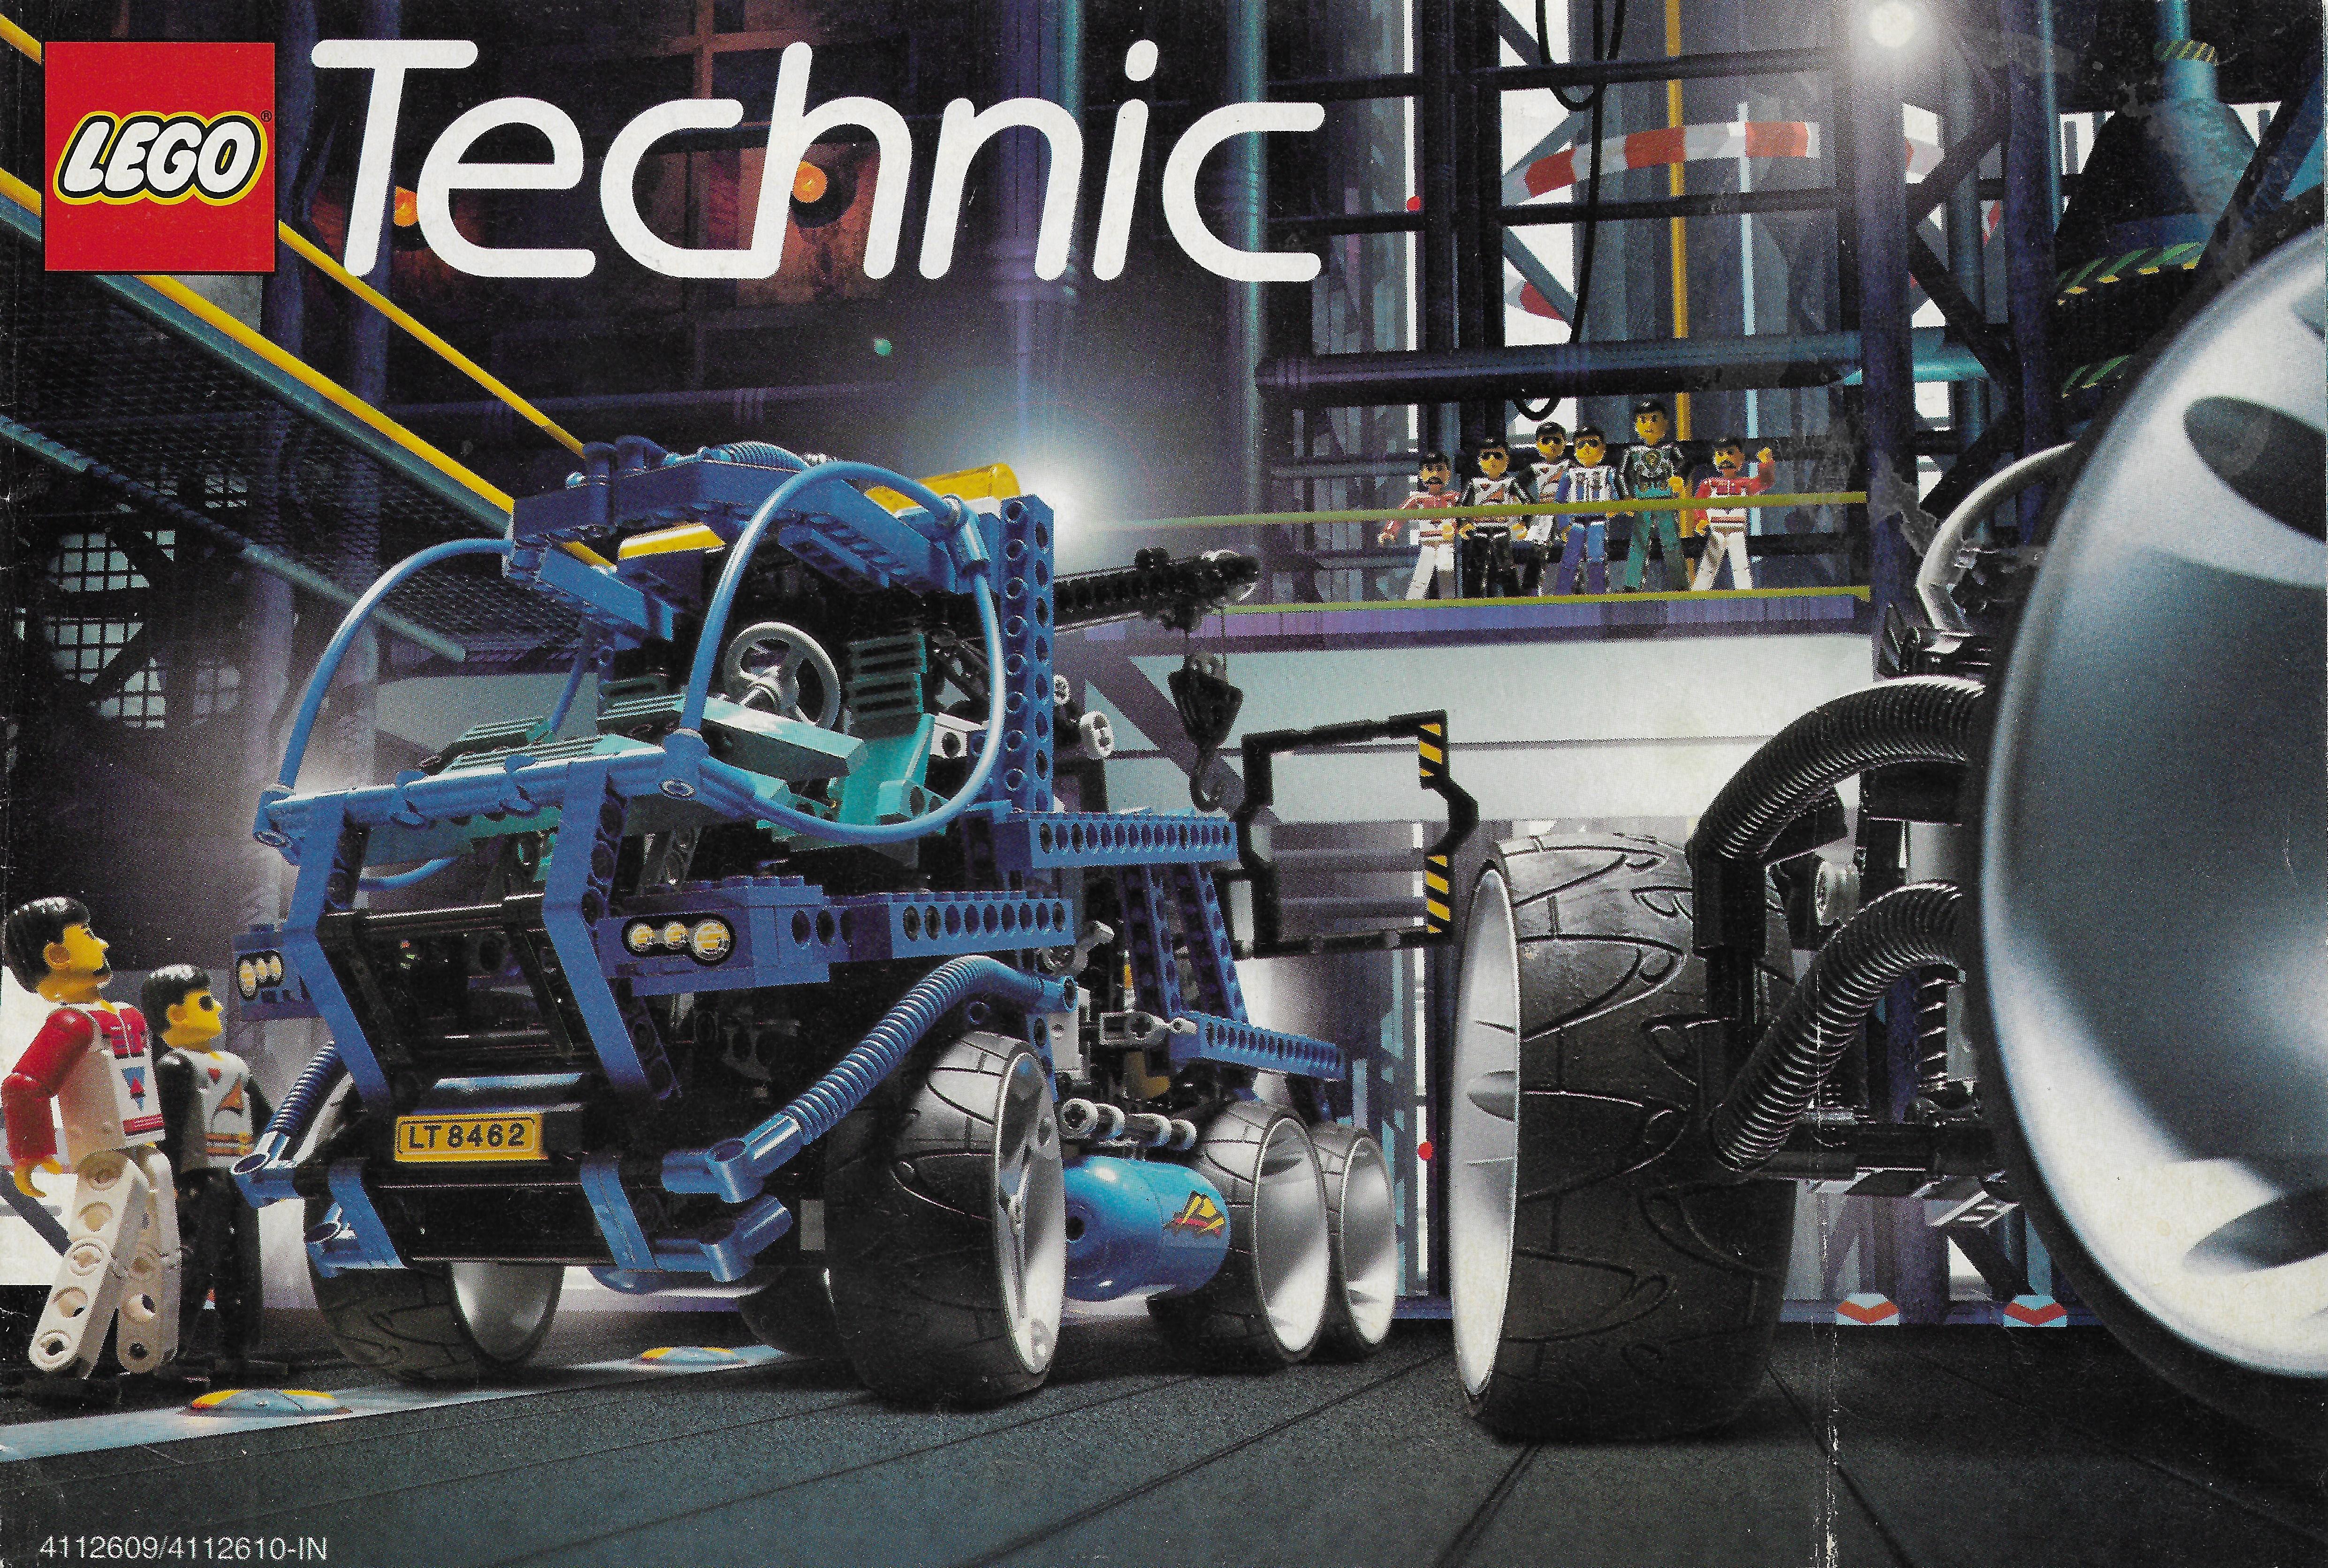 1998-as Lego Technic katalógus